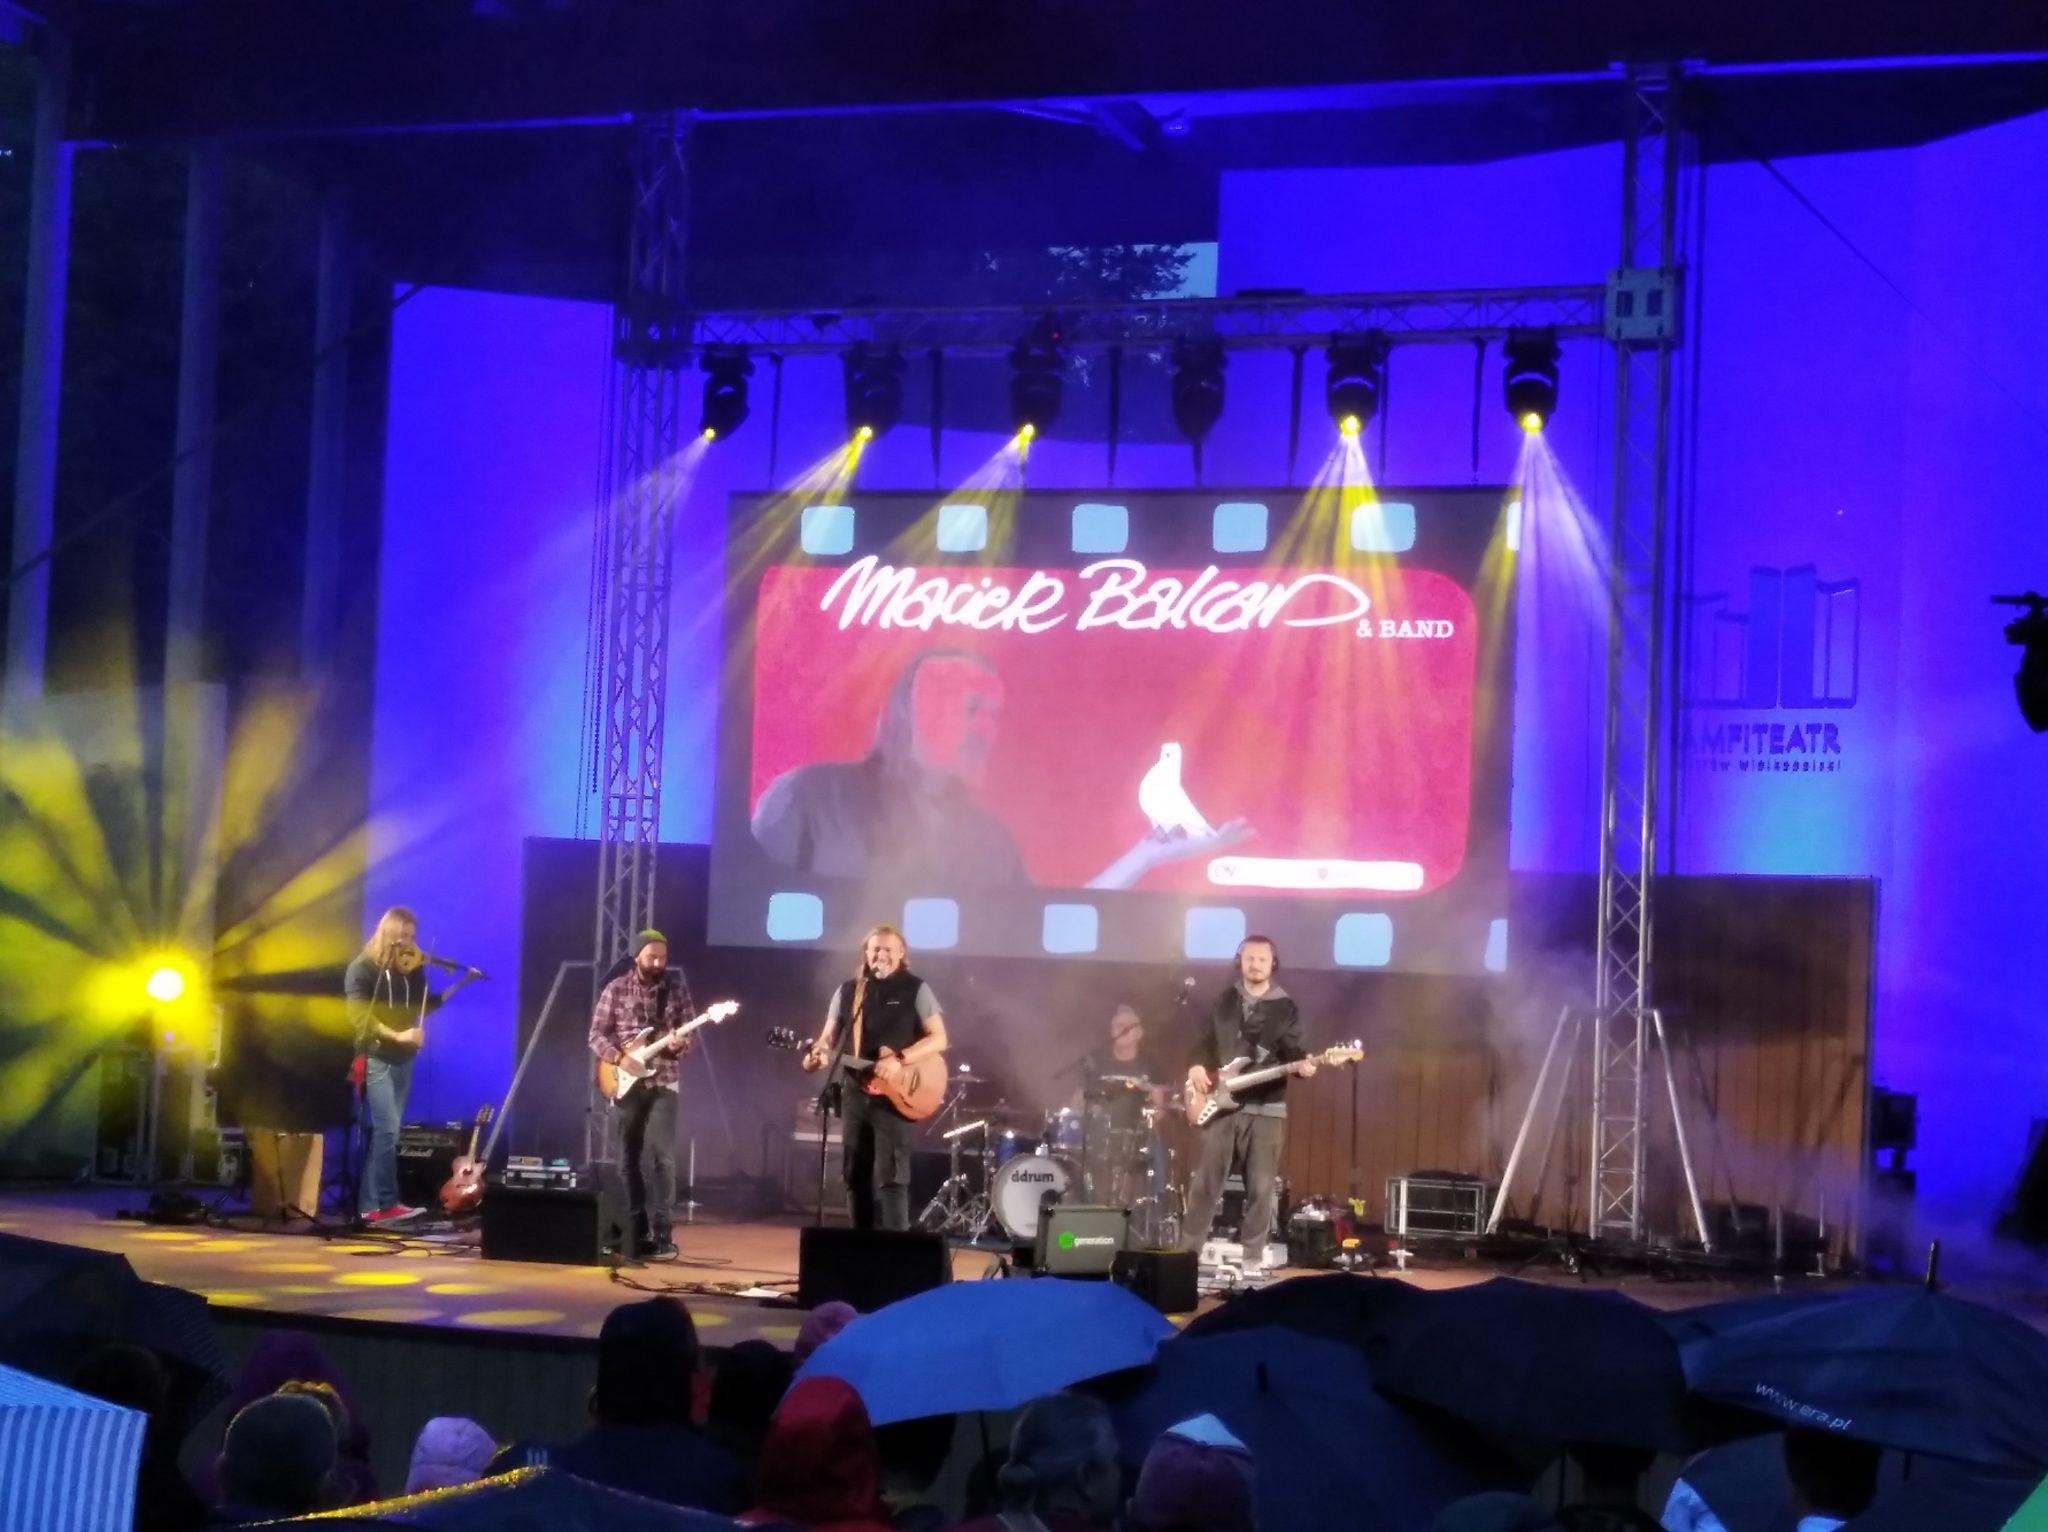 img 20200830 192805 - Tłumy na koncercie Maciek Balcar & Band w Ostrowie Wielkopolskim